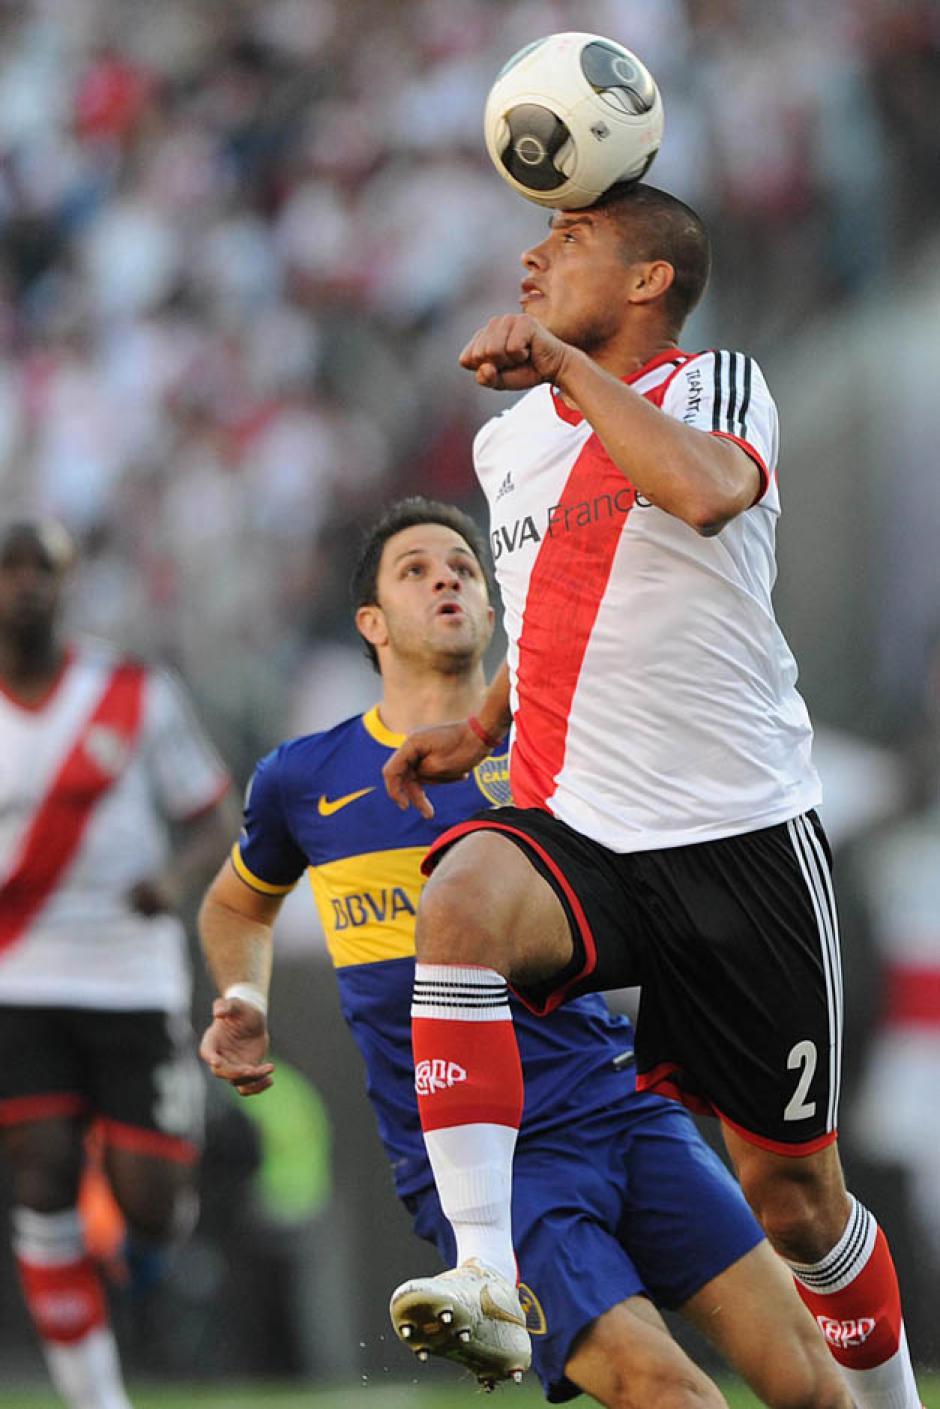 Jonathan Maidana de River Plate disputa el balón con Juan Manuel Martínez de Boca Juniors.